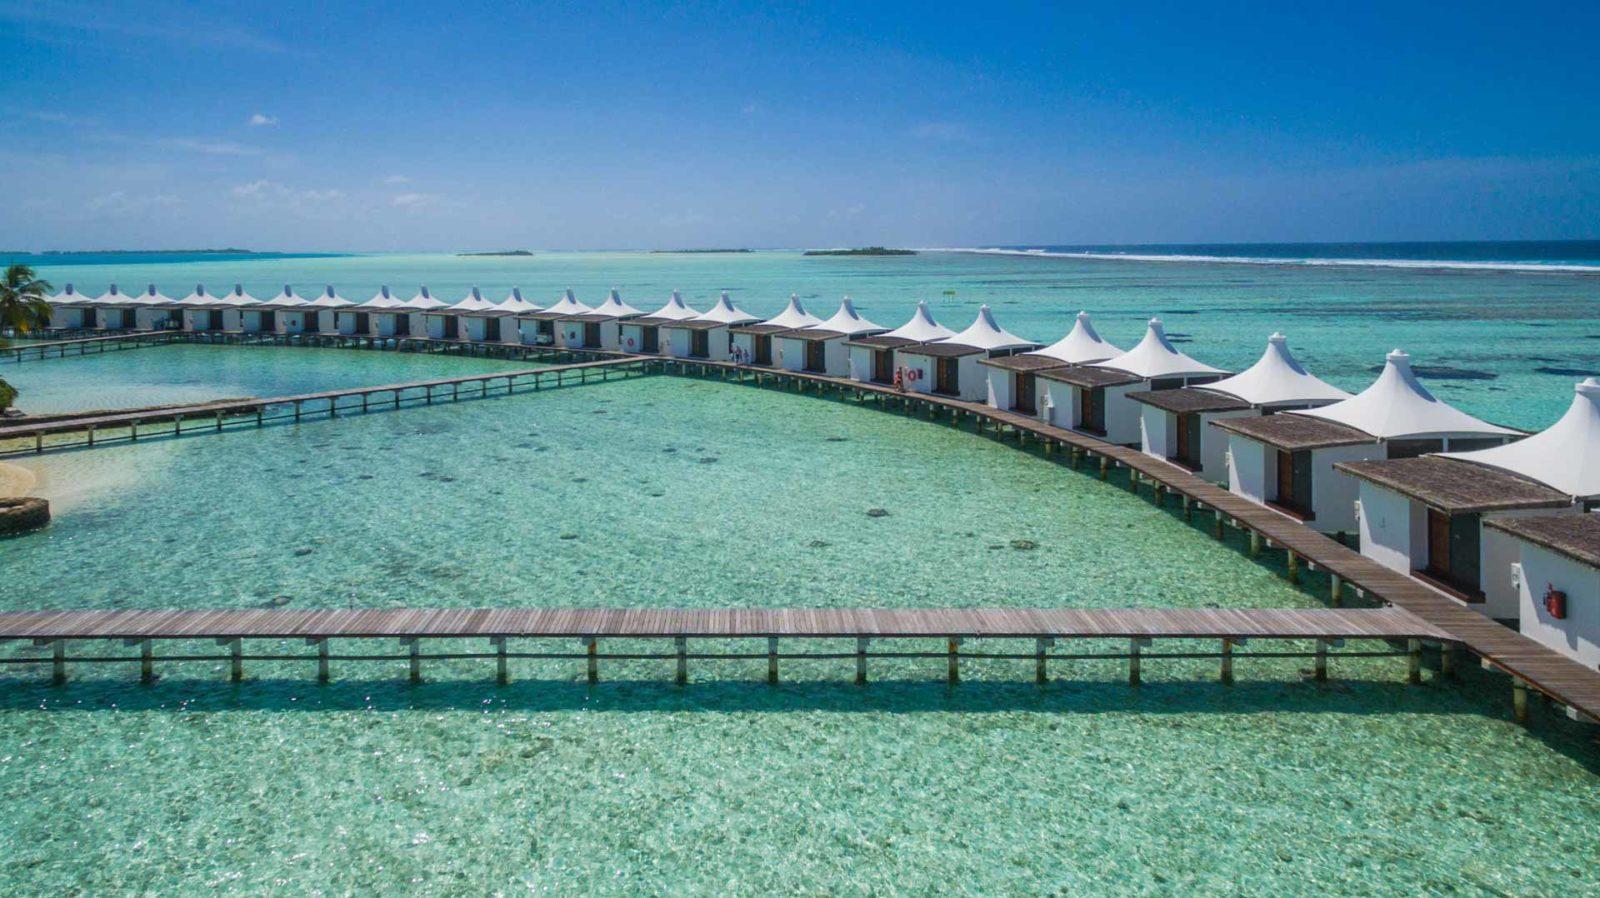 maldives travel guide